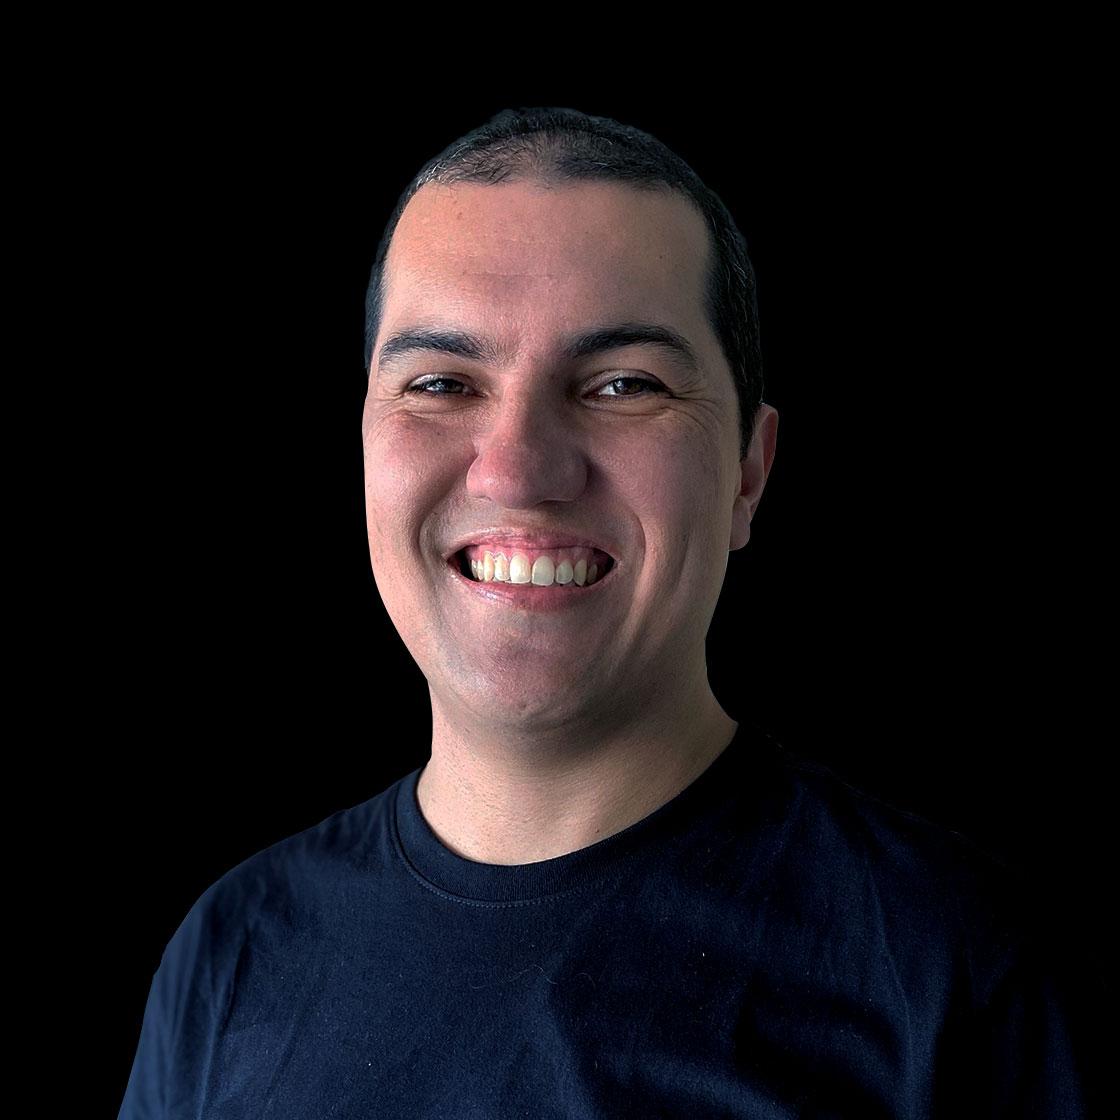 Willian Fernandes